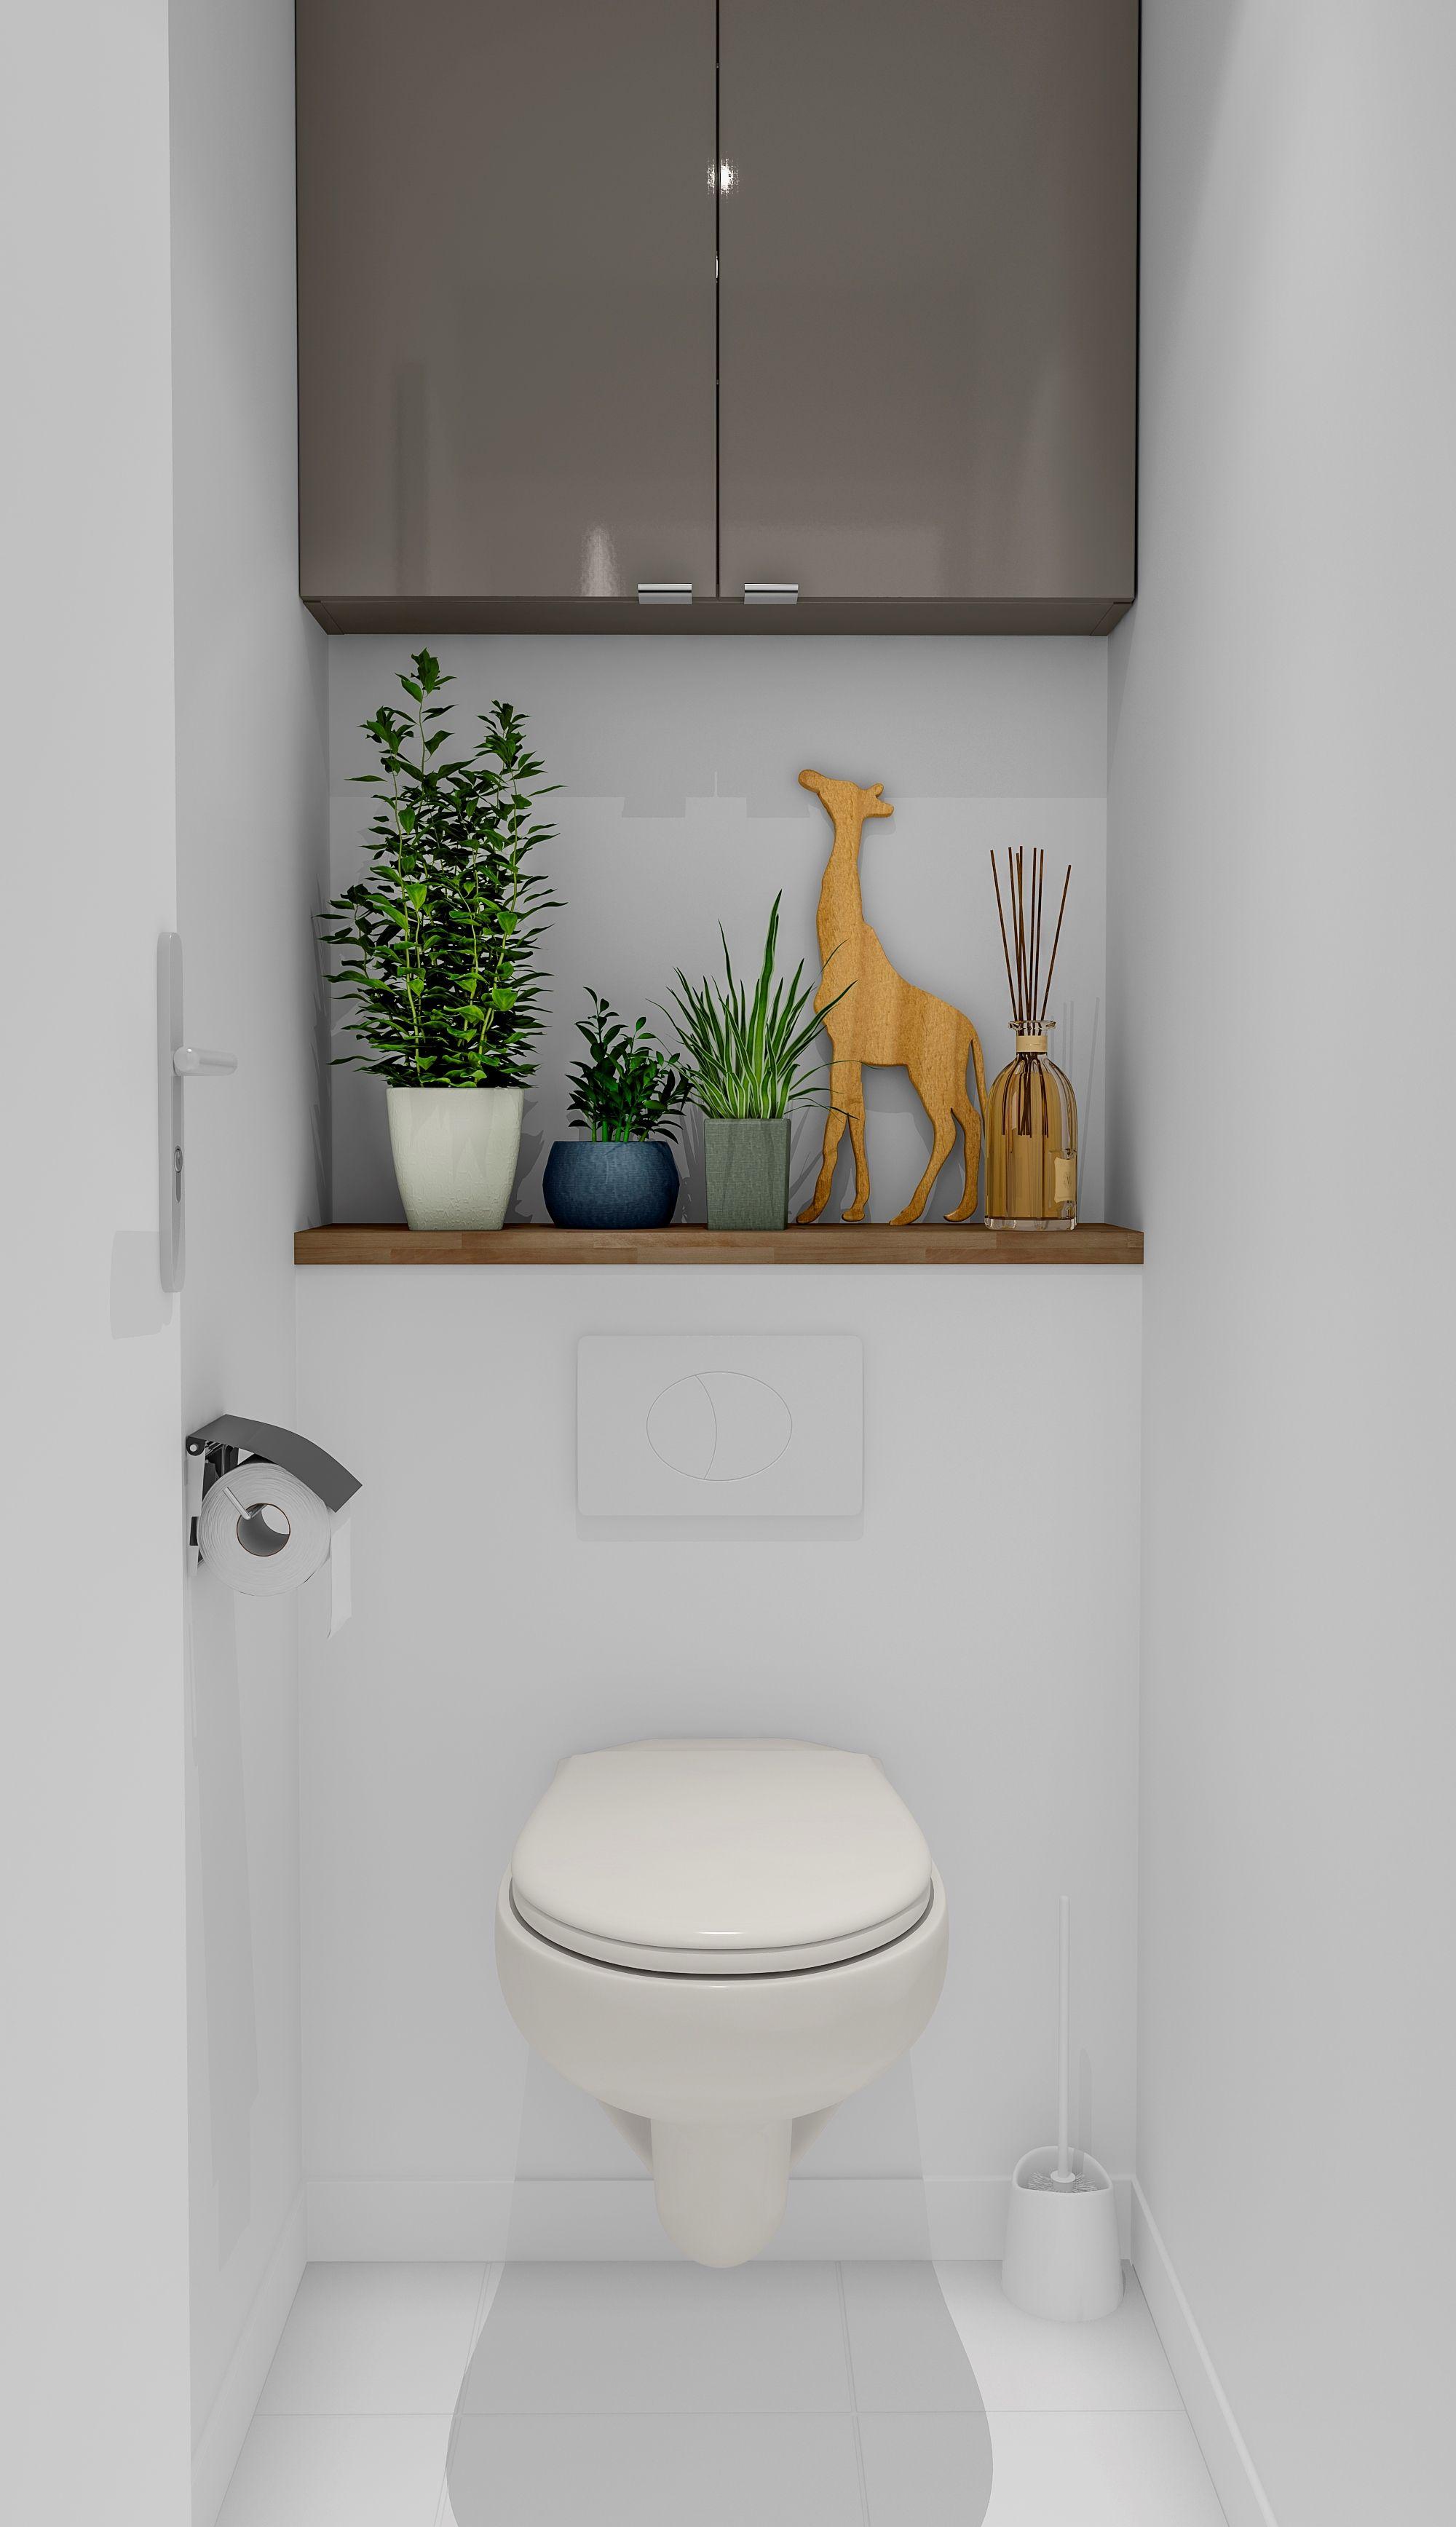 Idee Par Pattymalala Sur Projets A Essayer En 2020 Idee Deco Toilettes Relooking Toilettes Rangement Toilette